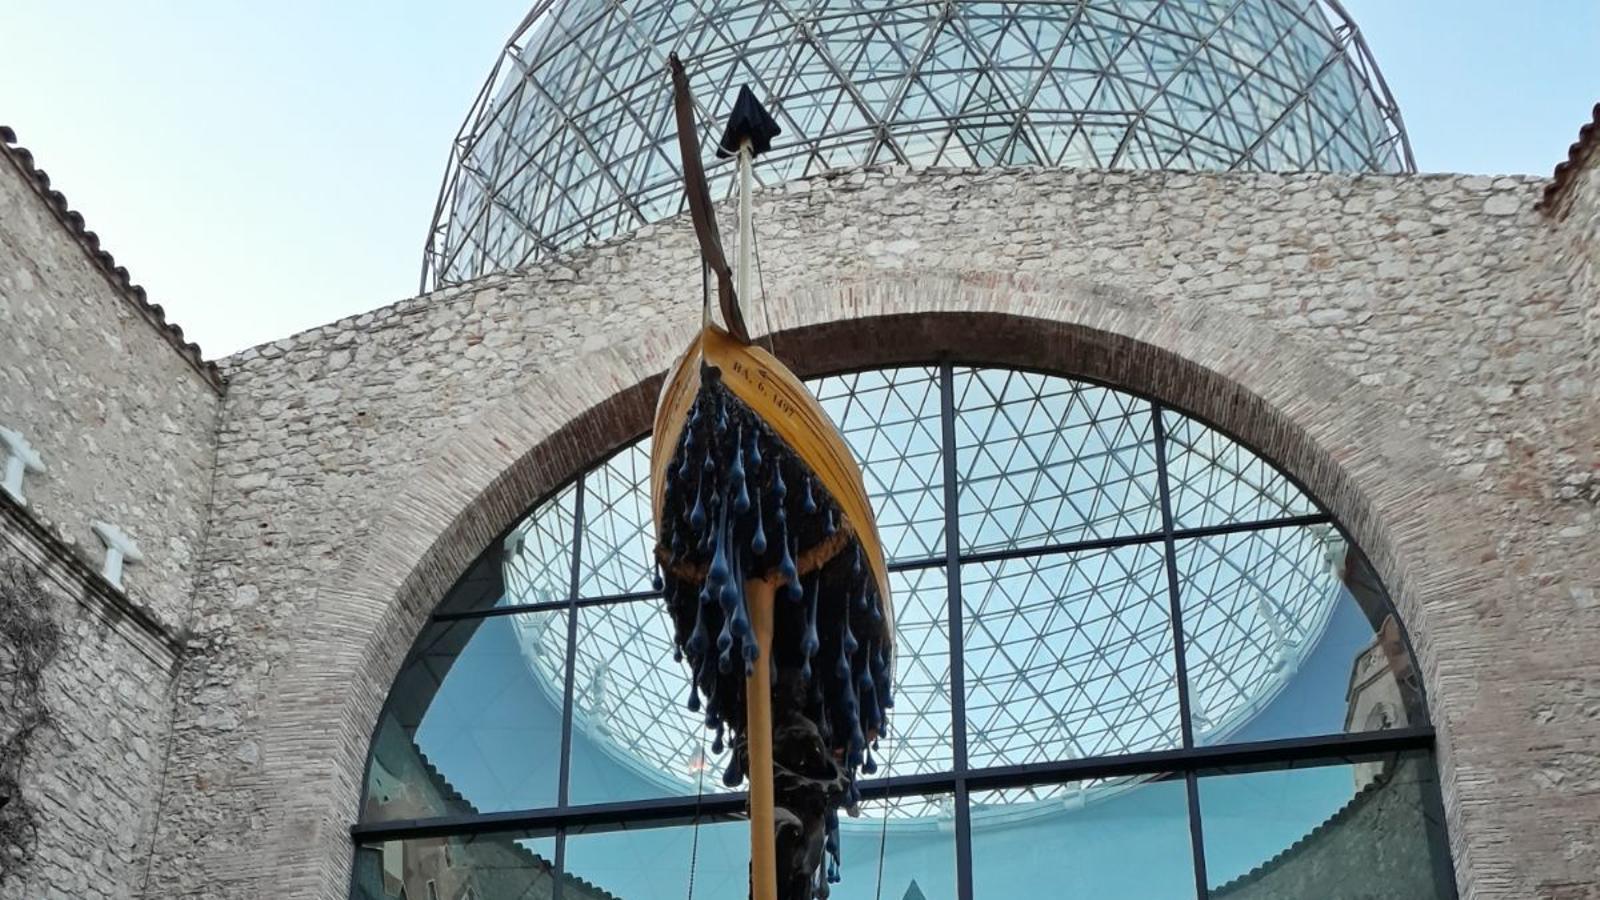 El Teatre-Museu Dalí amb les carpes instal·lades sota la cúpula de per l'exhumació